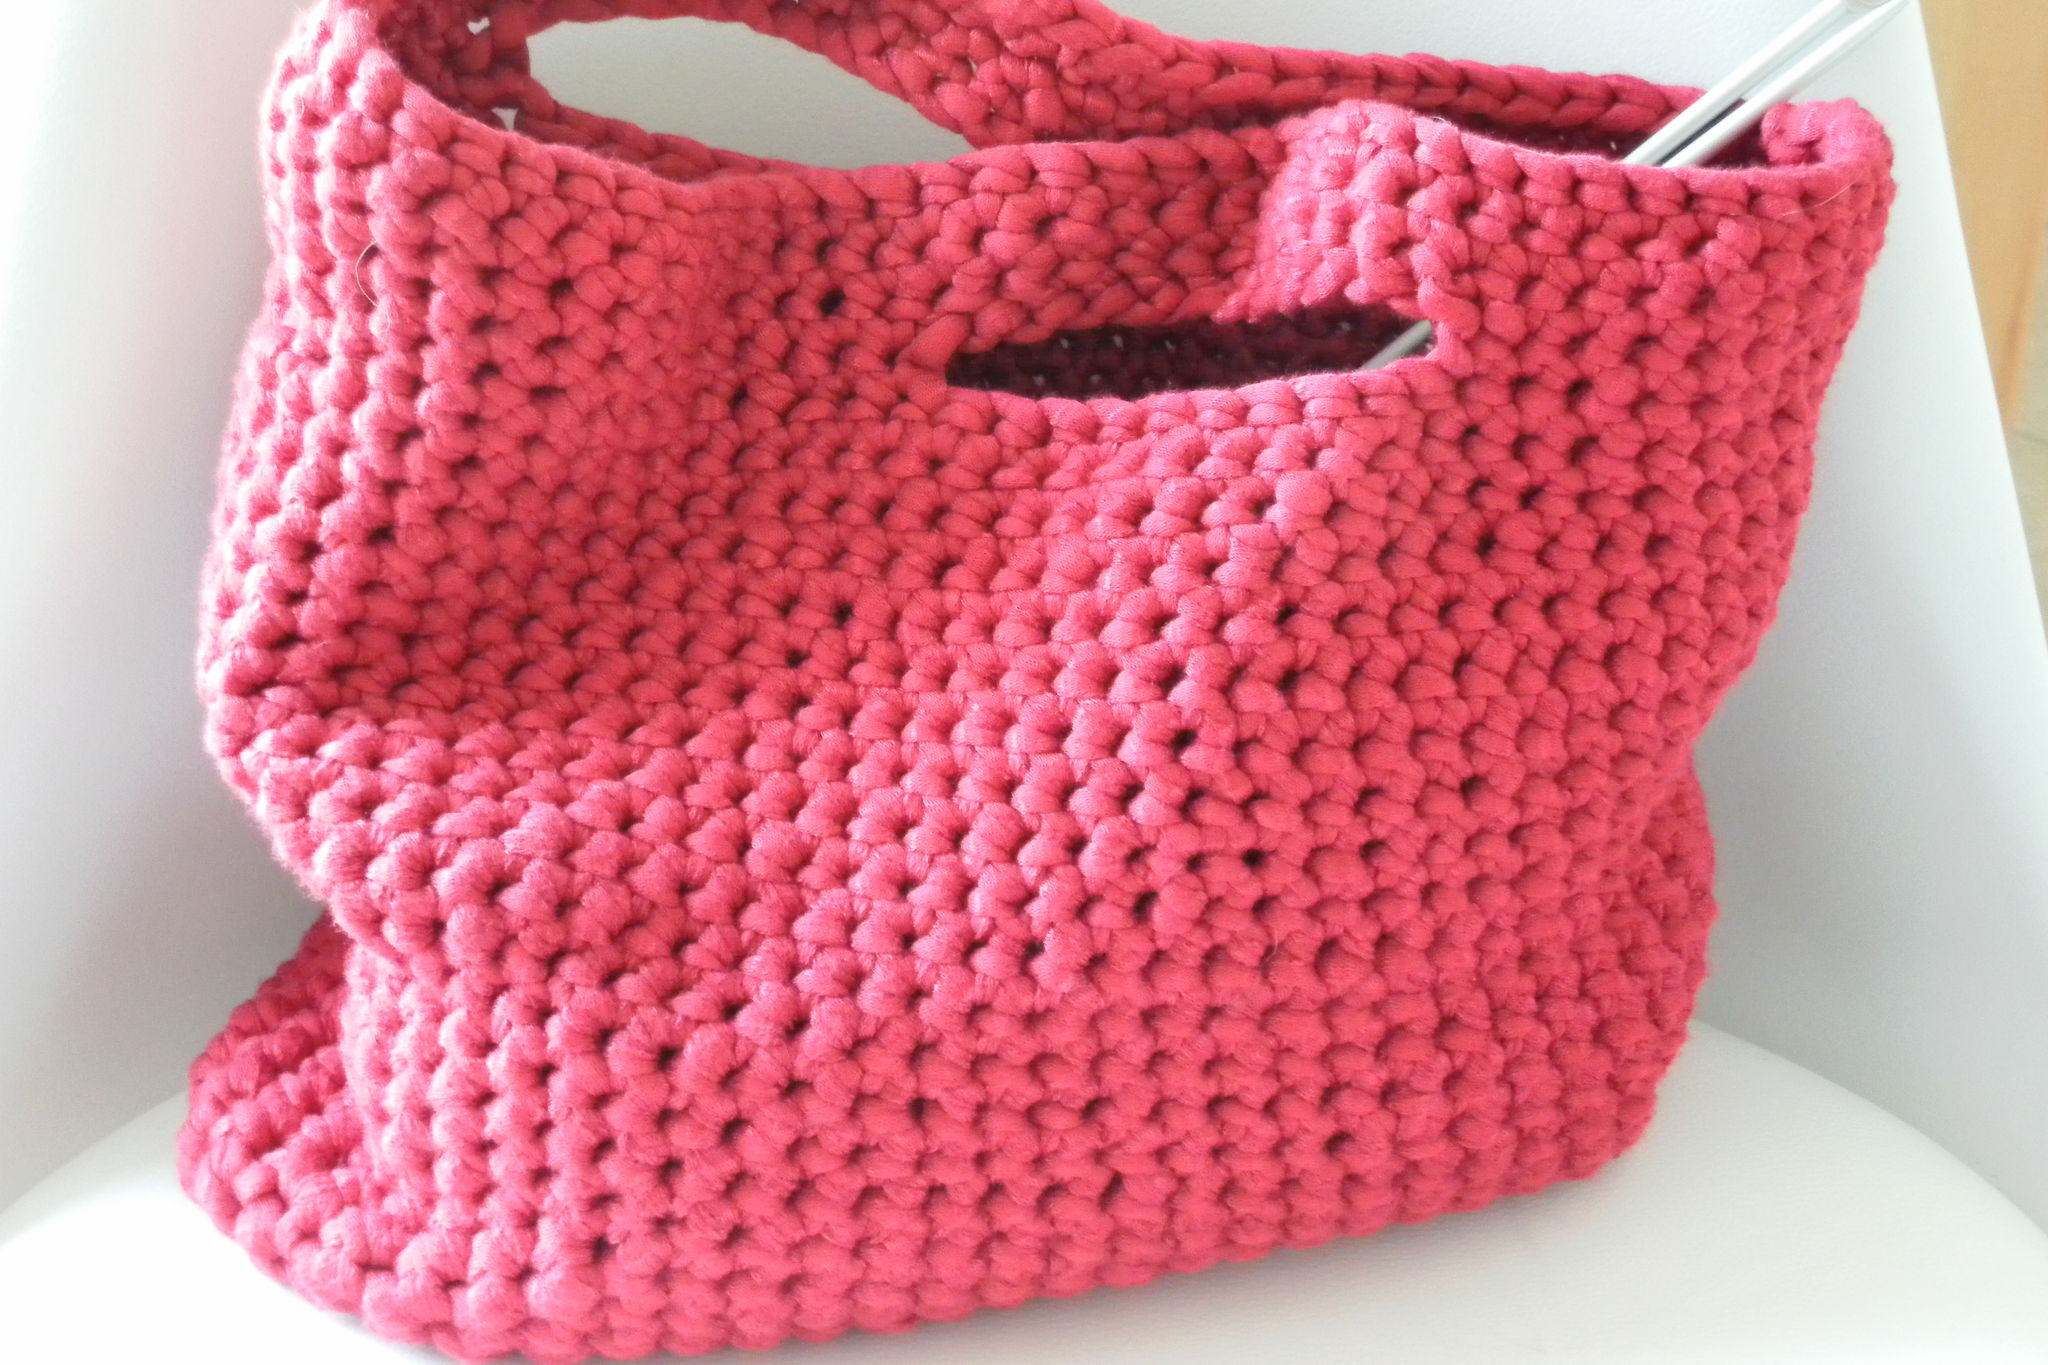 Modele petit sac au tricot - Modele mitaine tricot facile ...